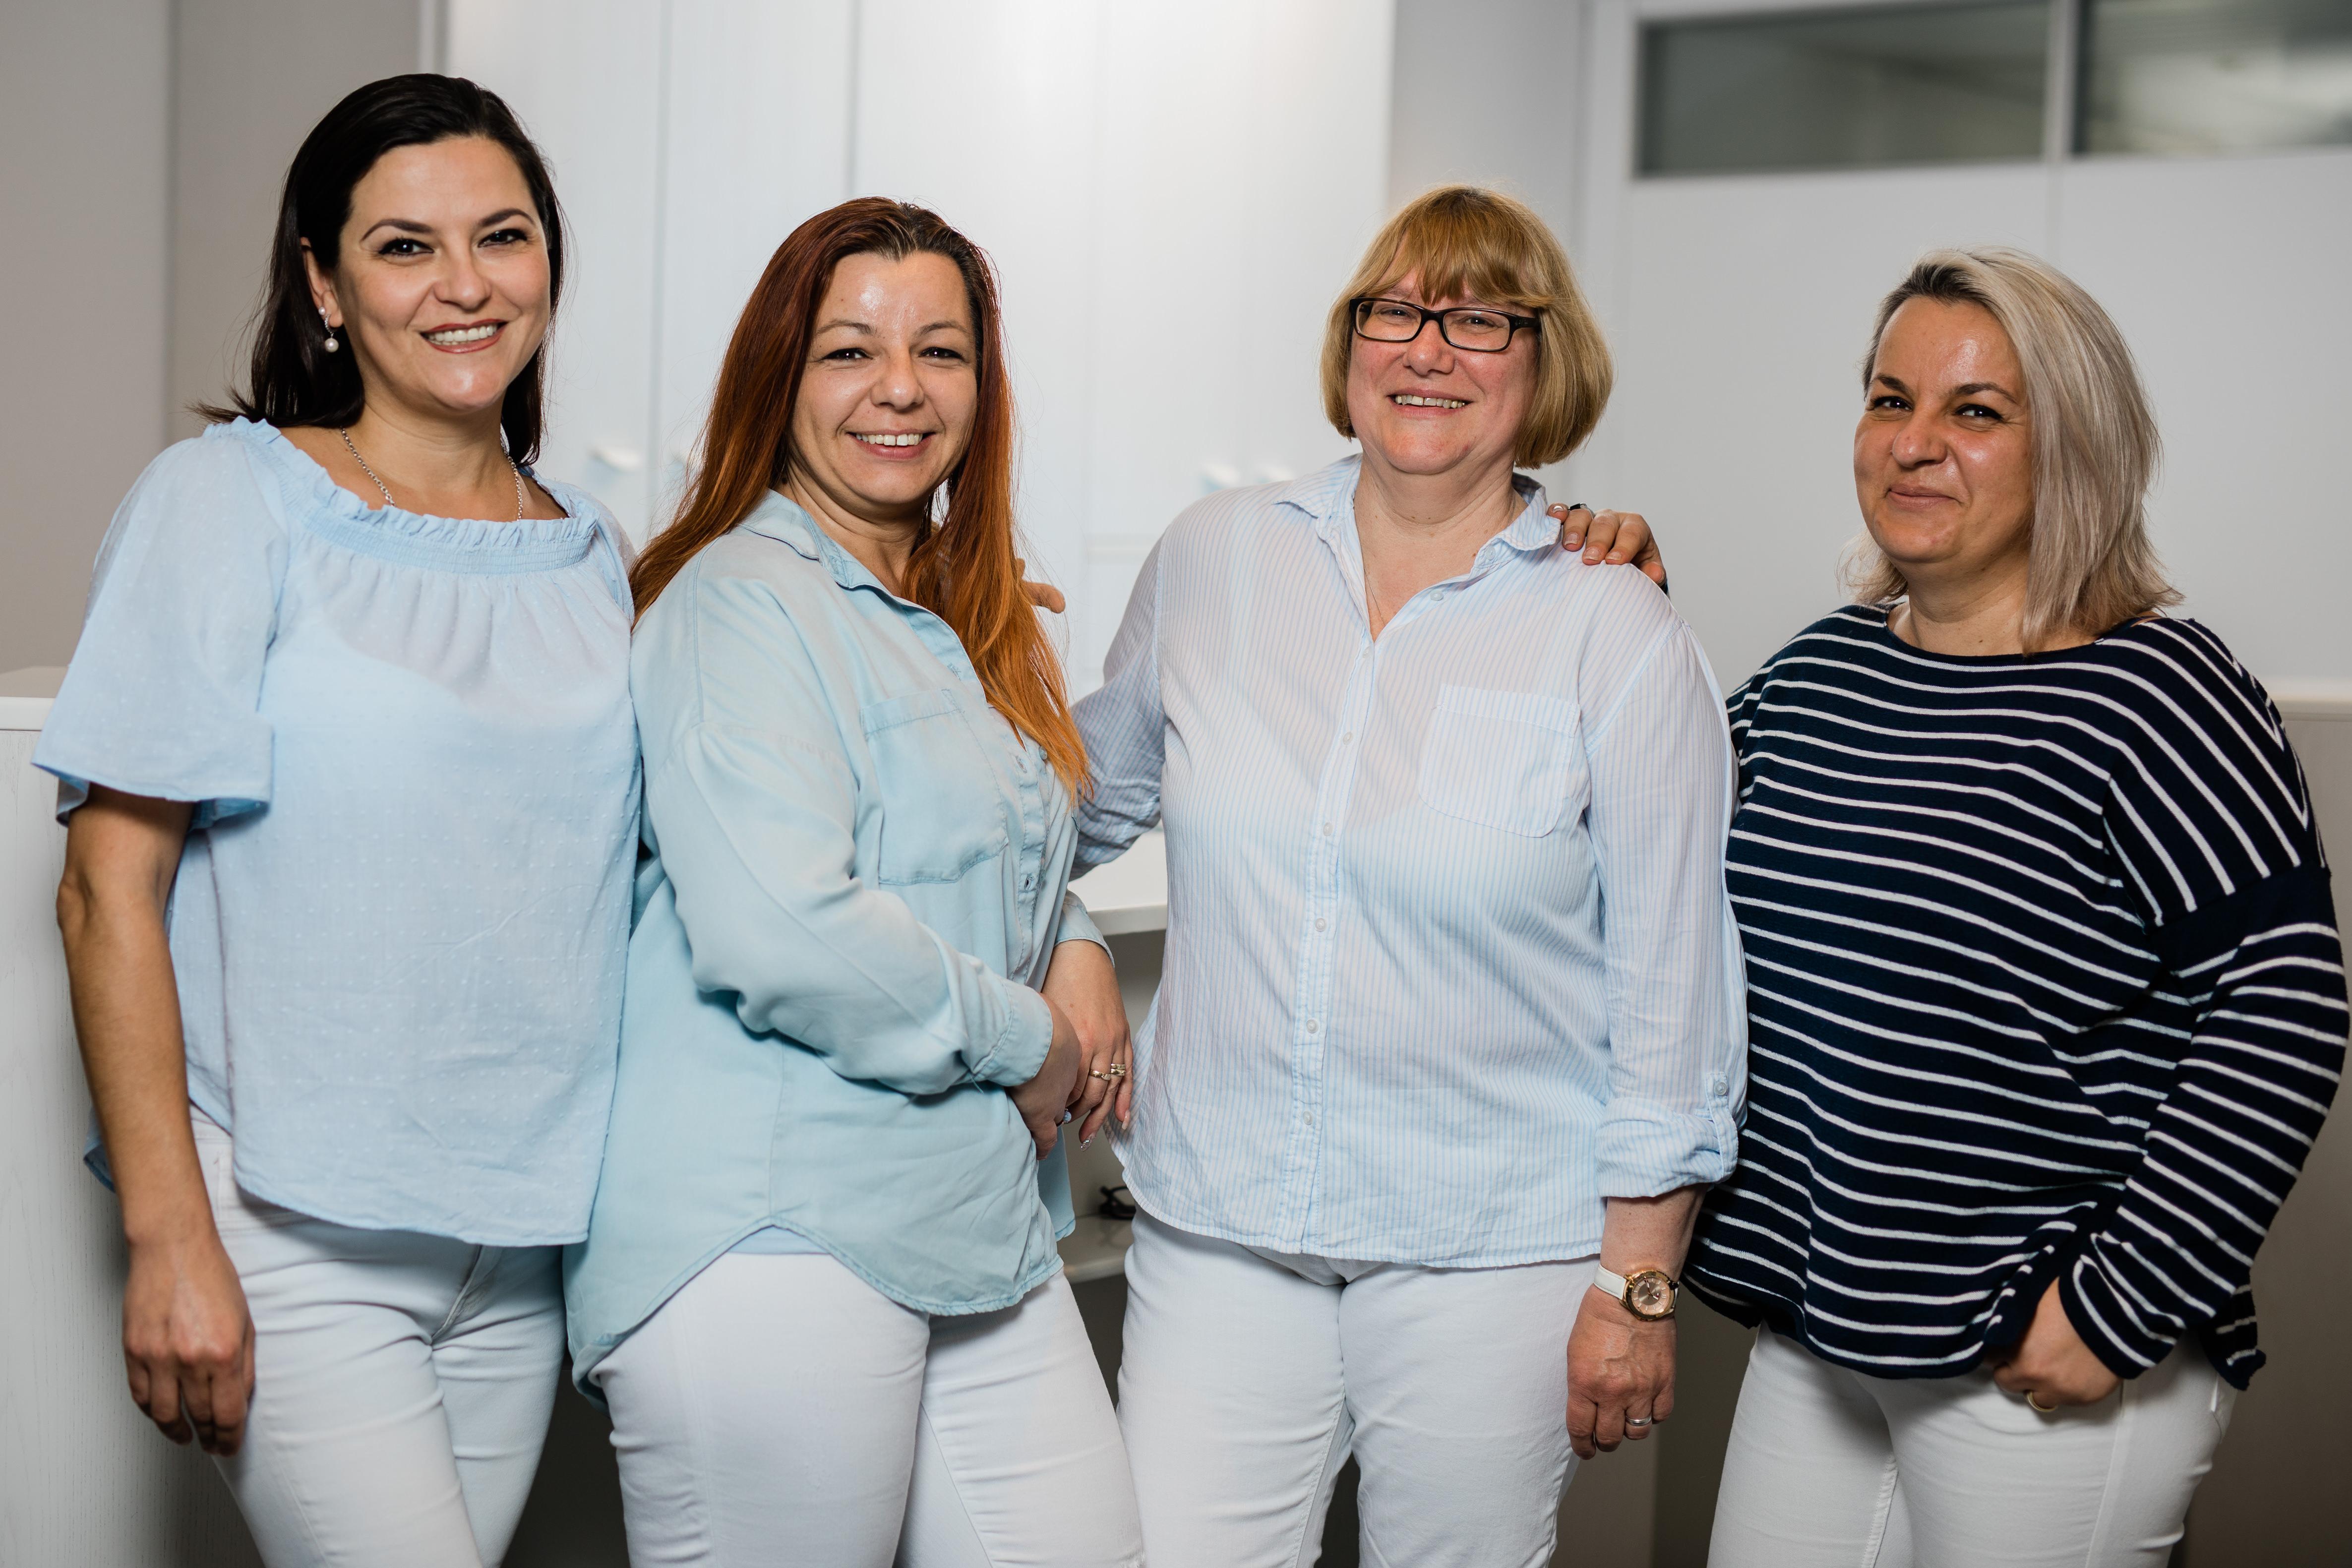 Frauenarzt Stuttgart